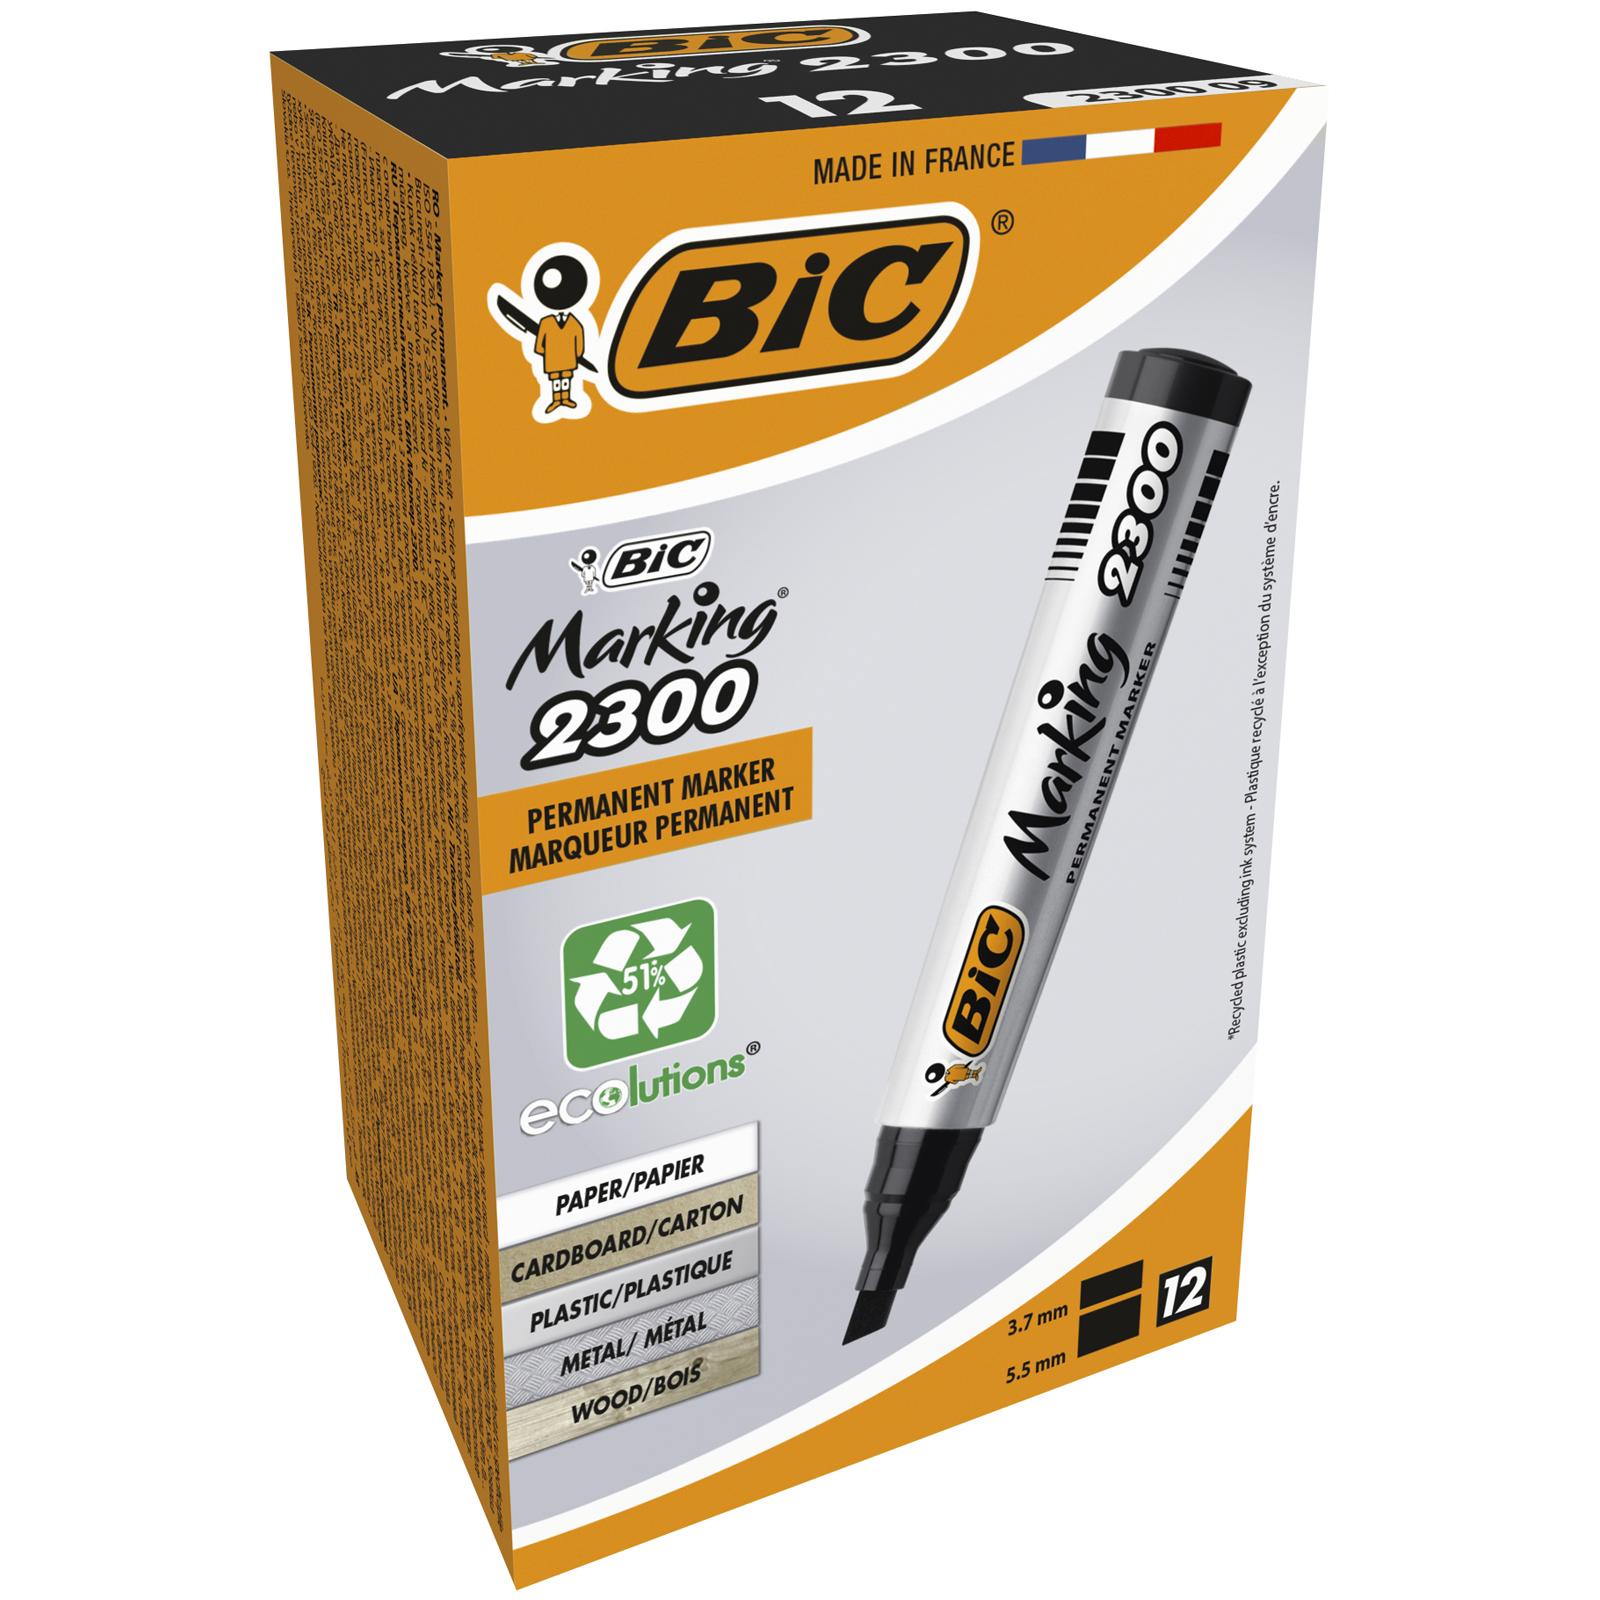 BIC MARKING 2300 - Pack de 12 marqueurs permanents - pointe biseau - noir